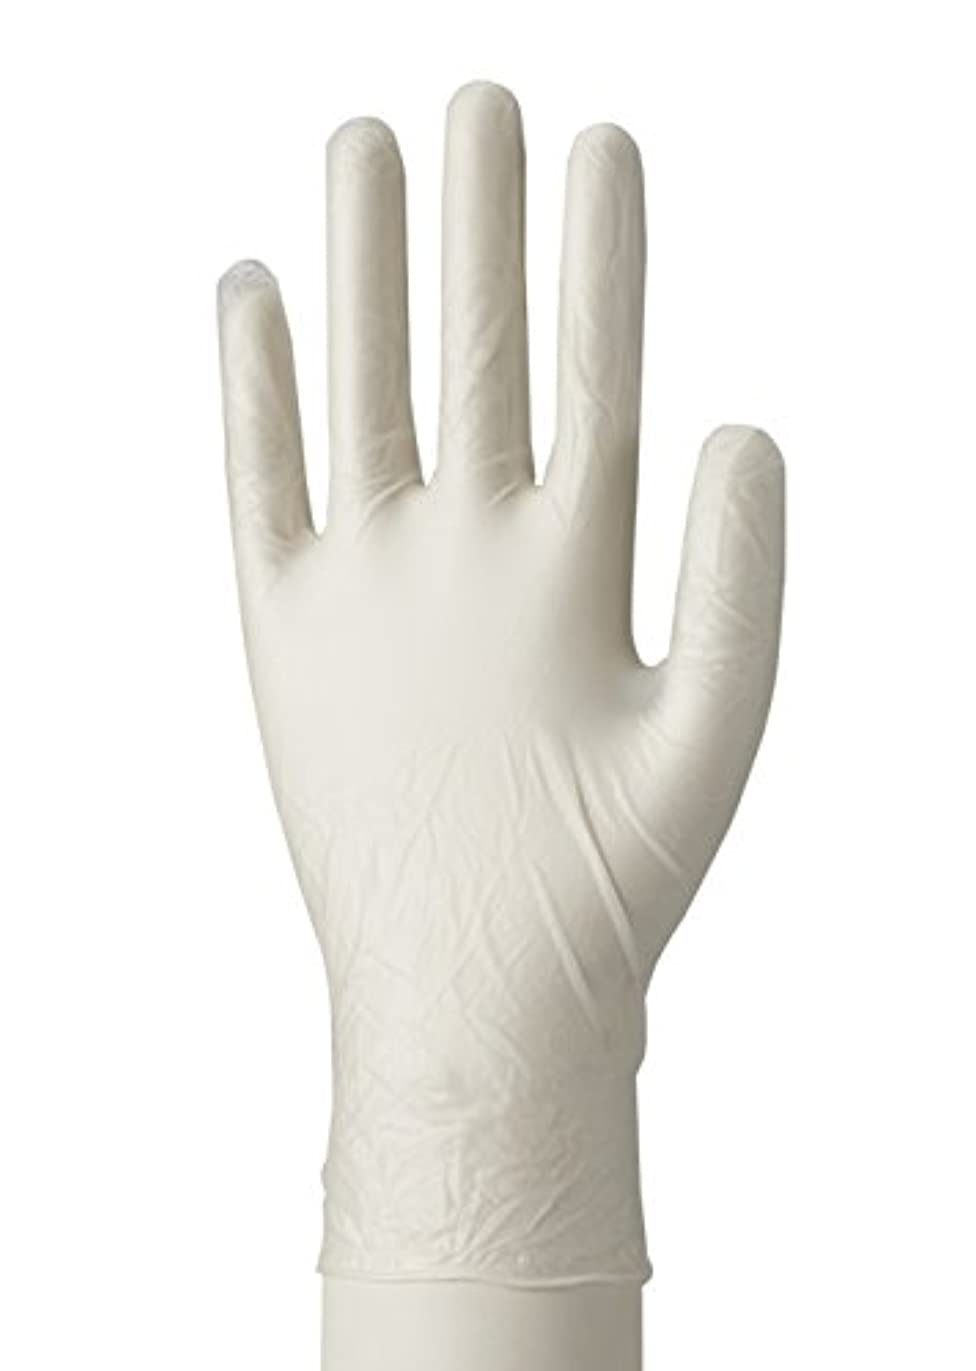 恥またね免疫マツヨシ 使い捨て手袋 マイスコPVCグローブ 粉なし MY-7521(サイズ:S)100枚入り 病院採用商品